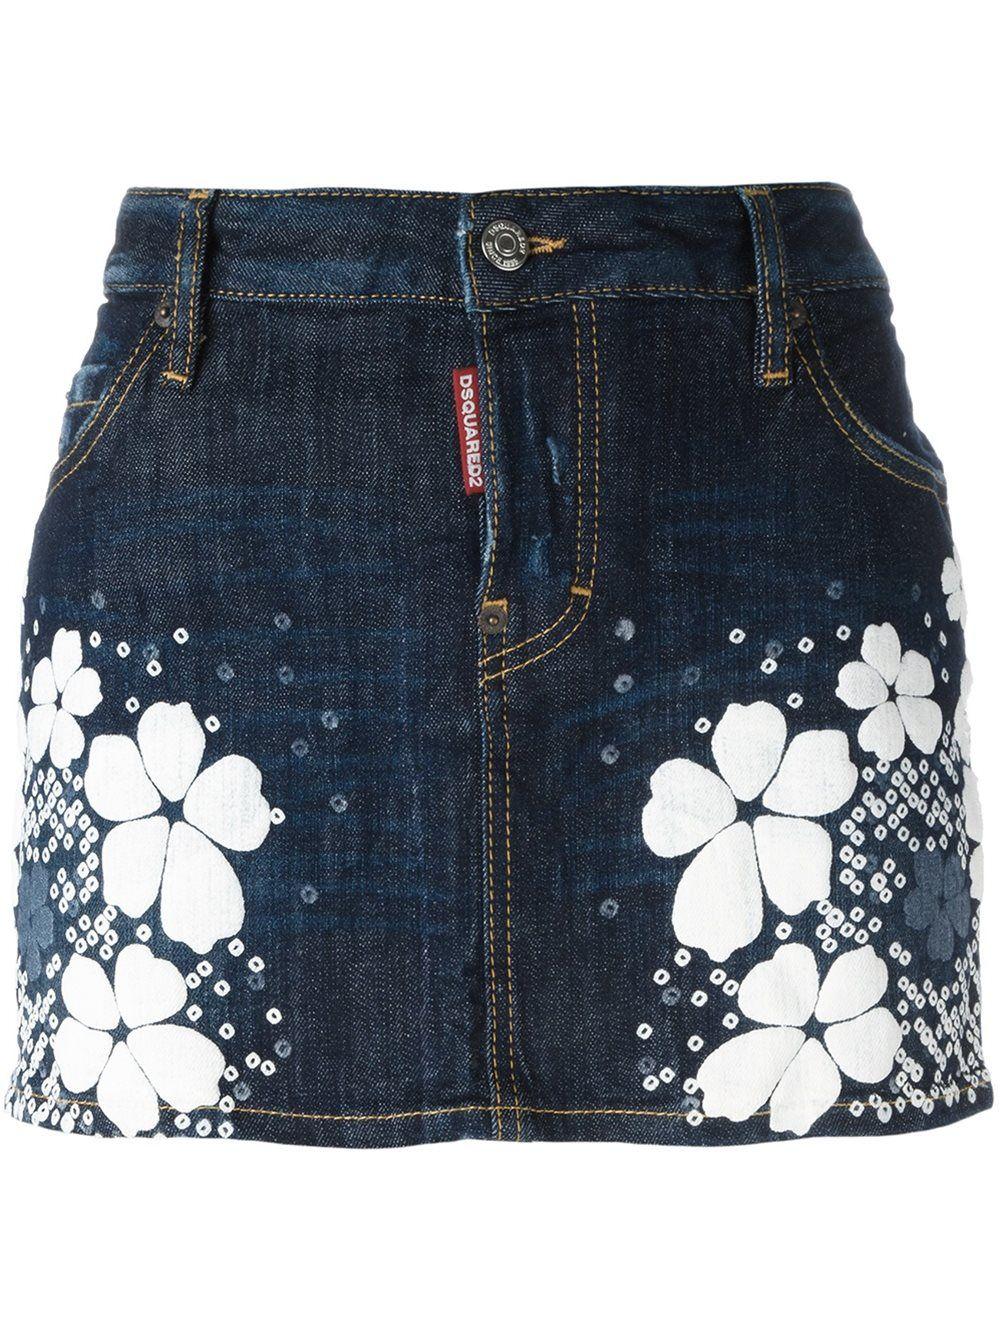 SKIRTS - Mini skirts Dsquared2 EhQ6gLbFx